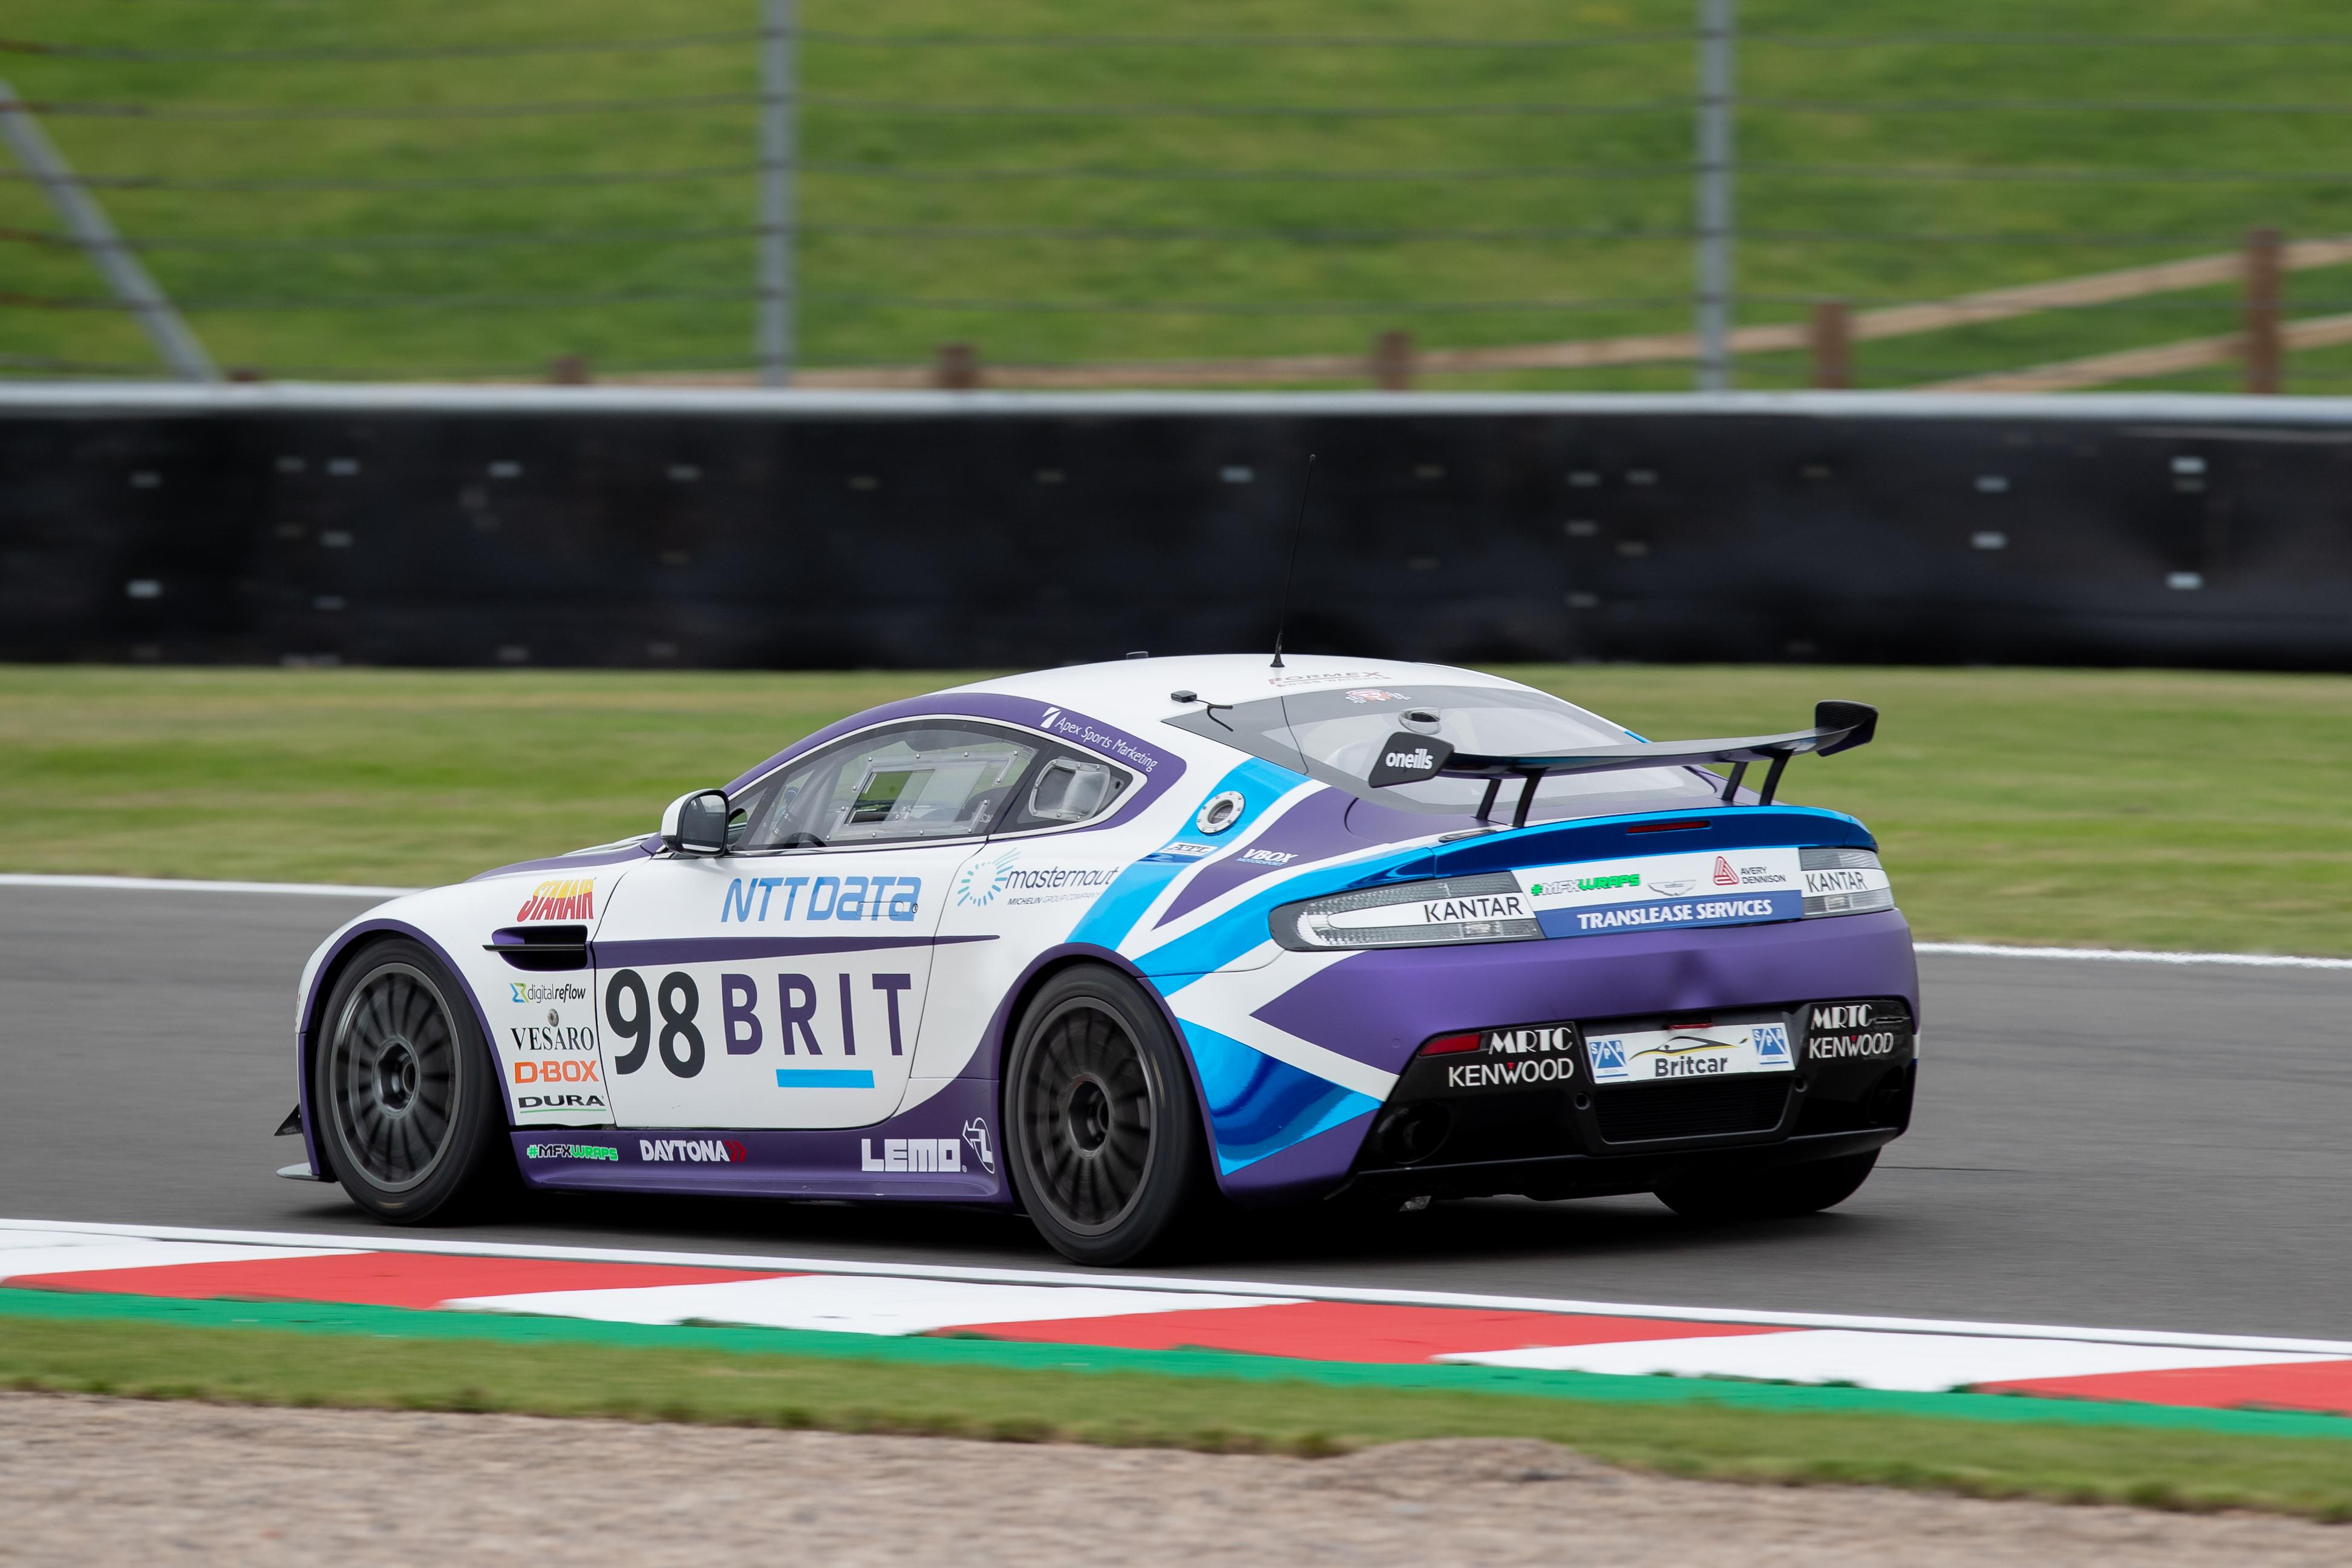 1089Team BRIT Aston Martin Vantage